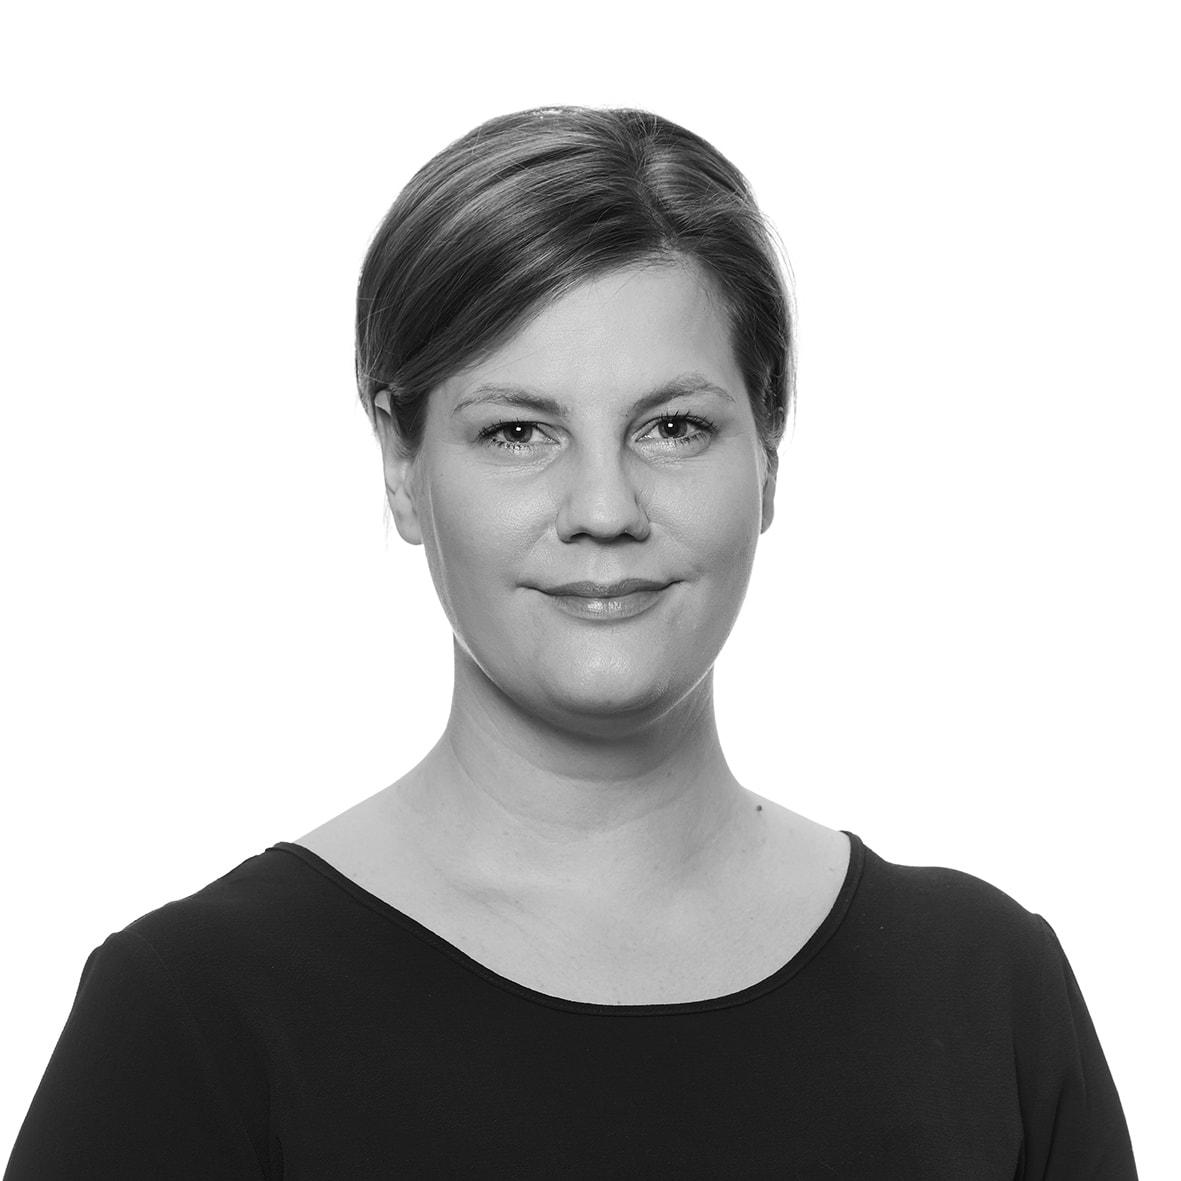 Nina Nørgaard Jørgensen